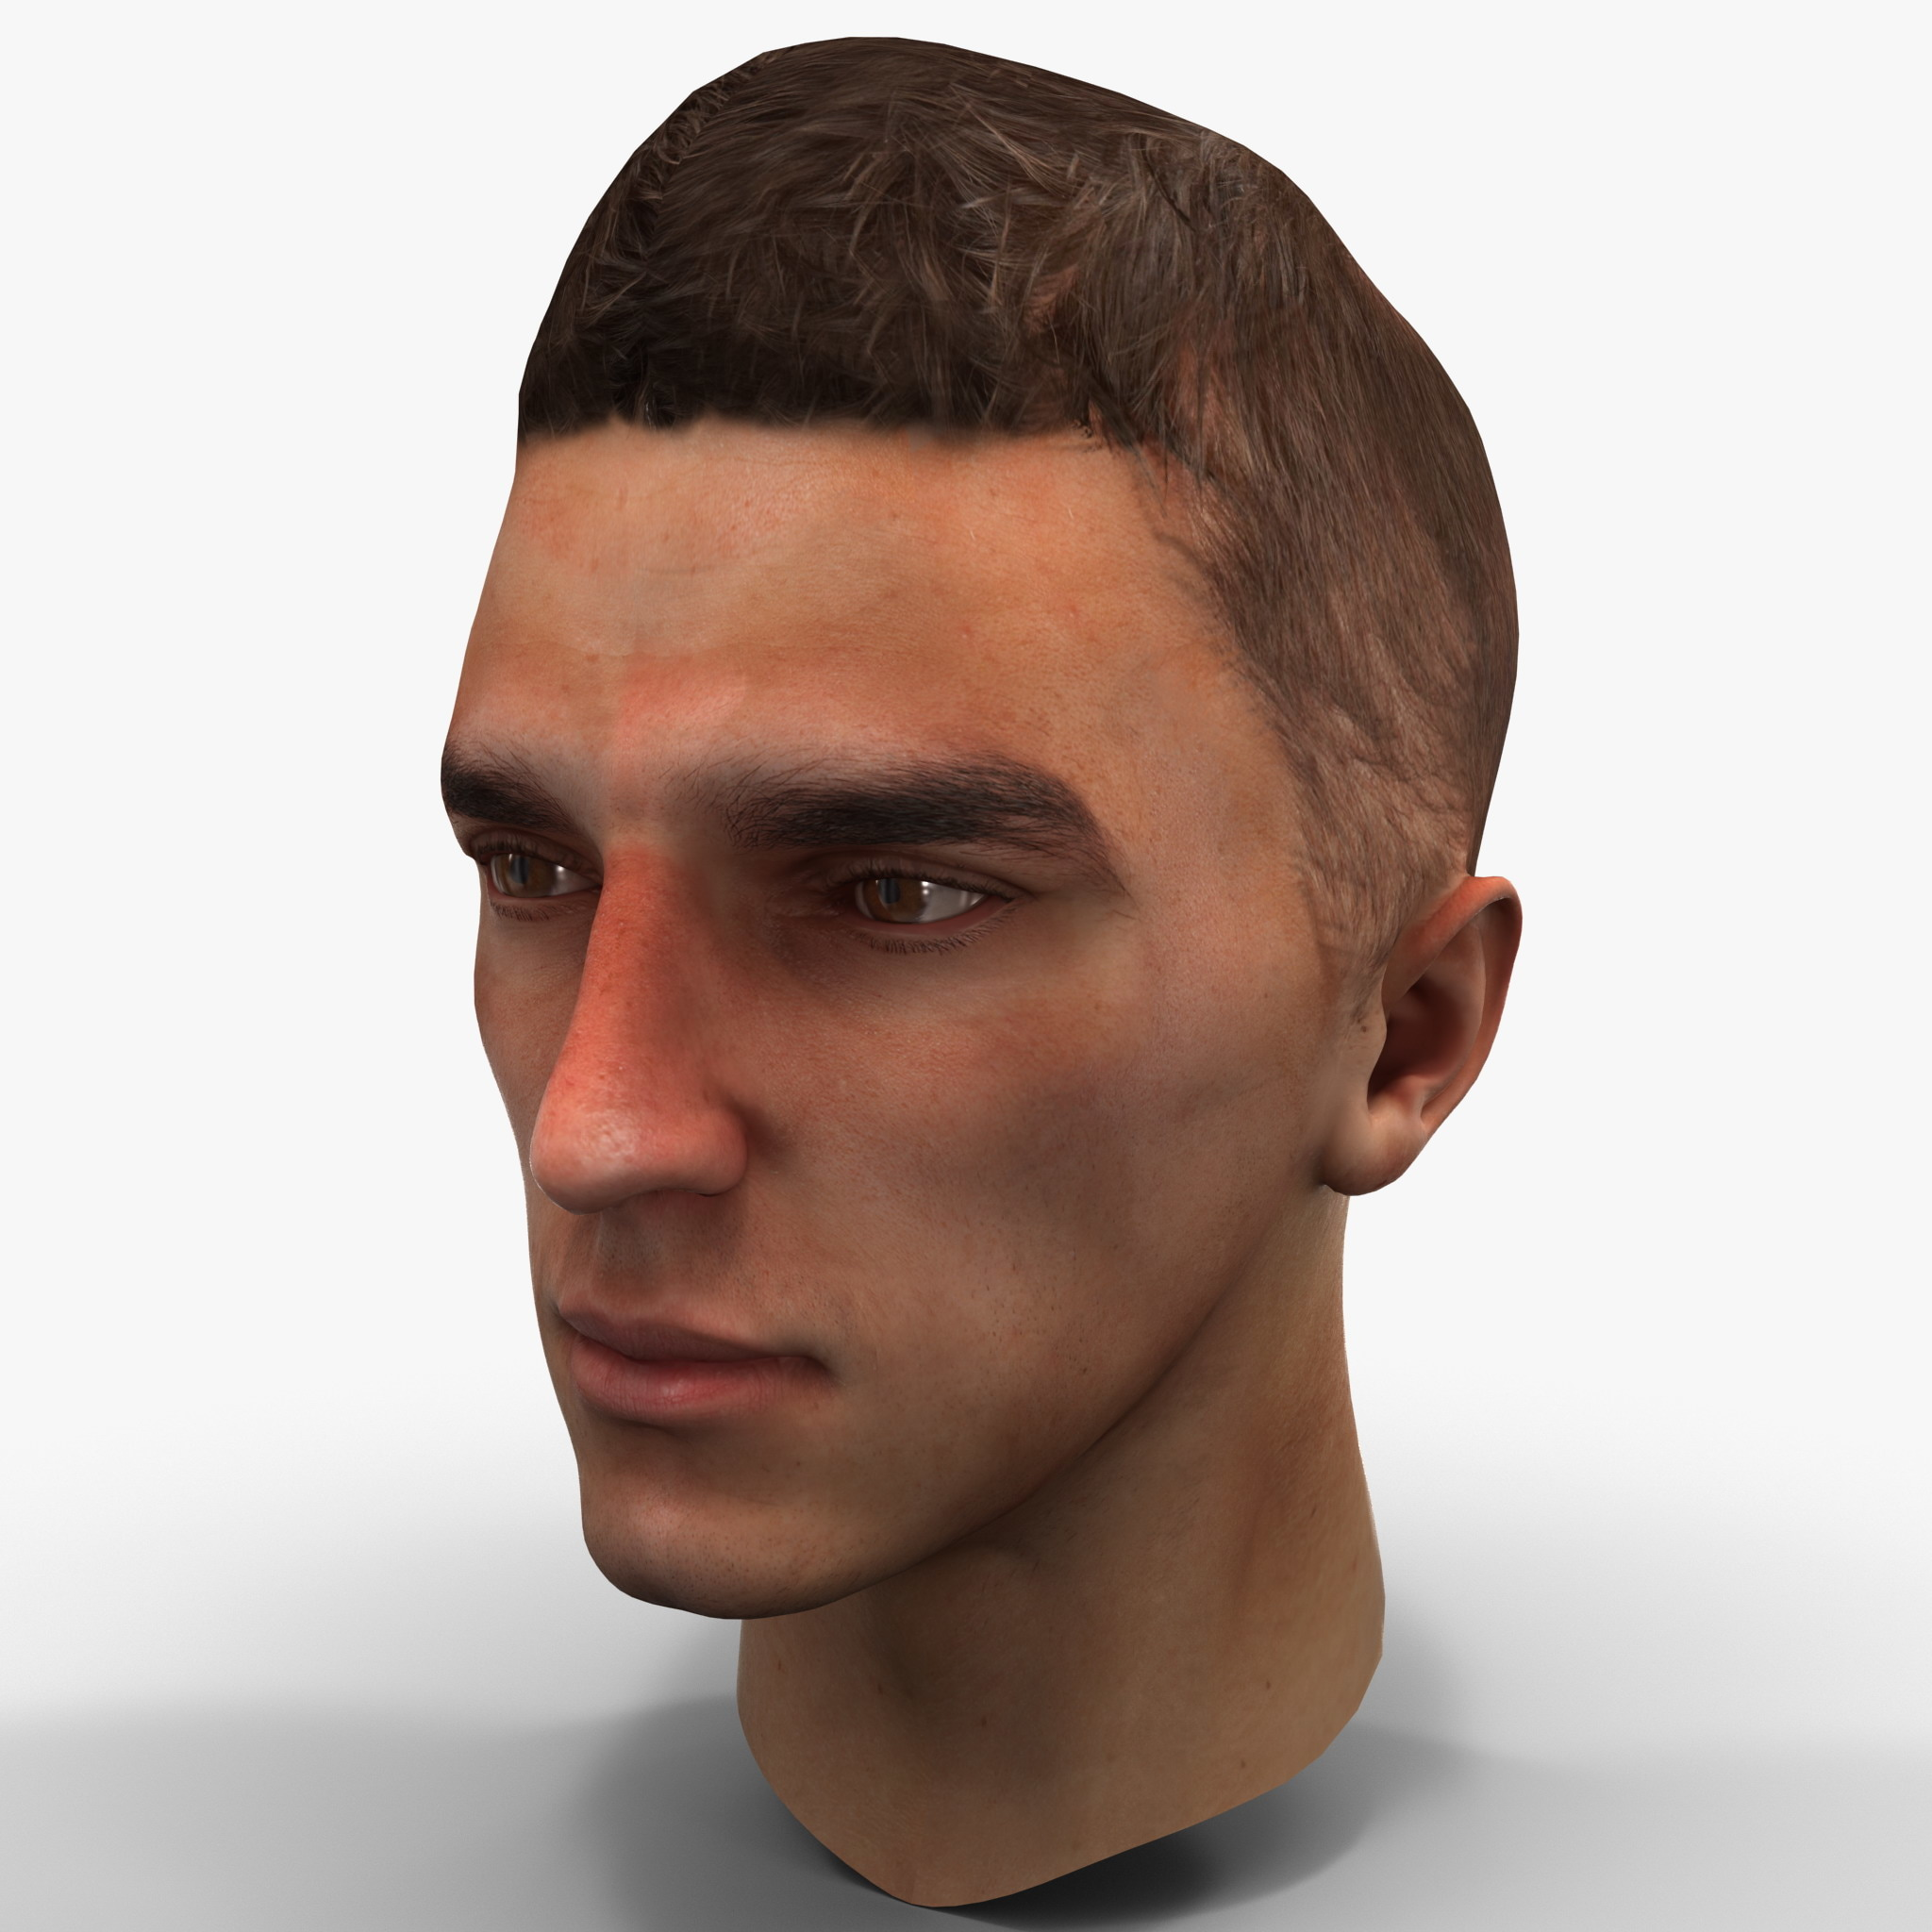 Male Head 4